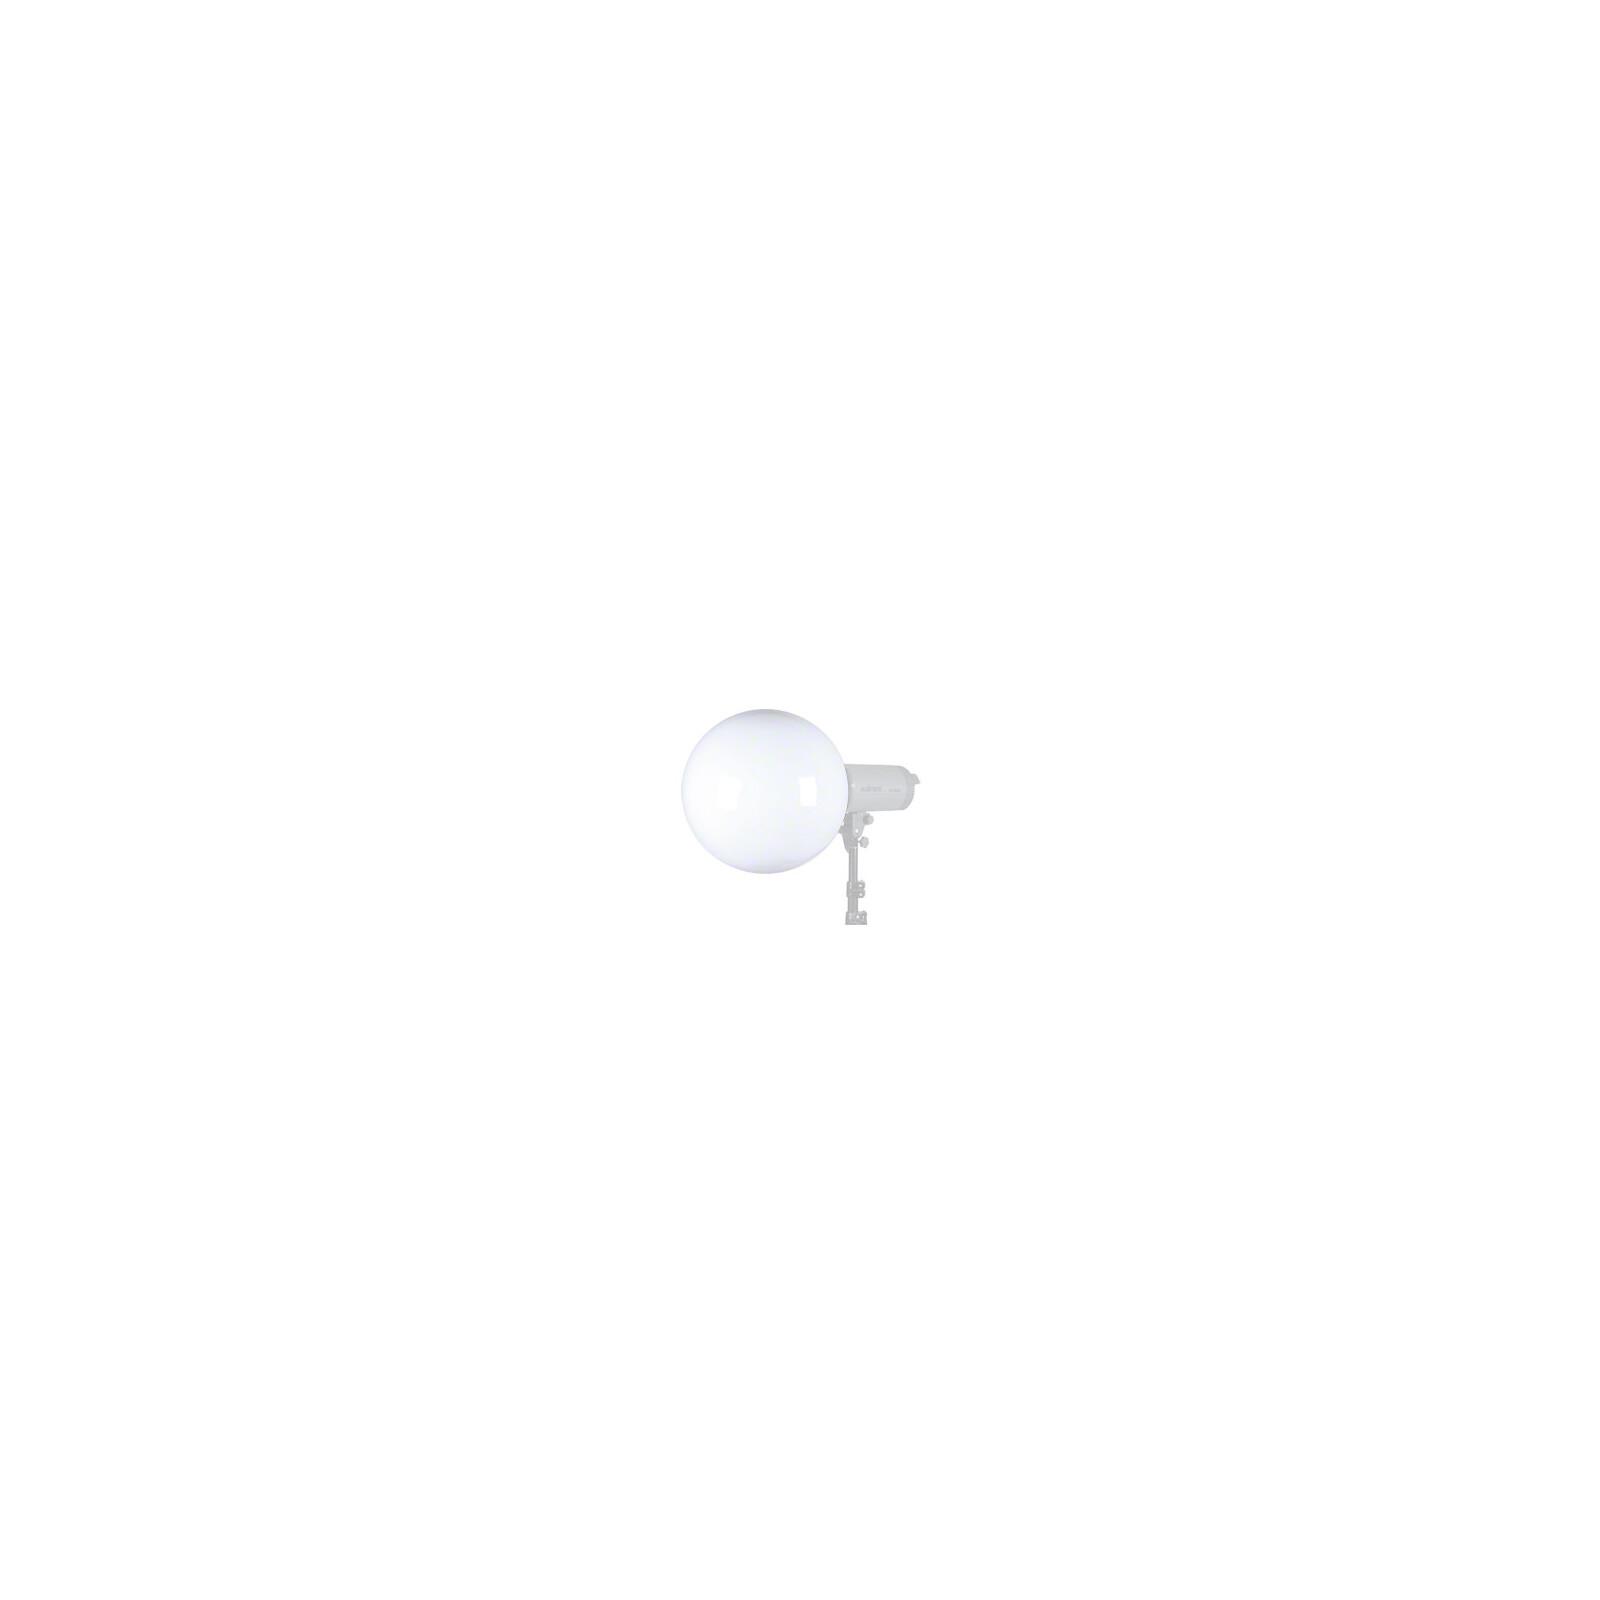 walimex Universal Diffusorkugel, 30cm Profoto